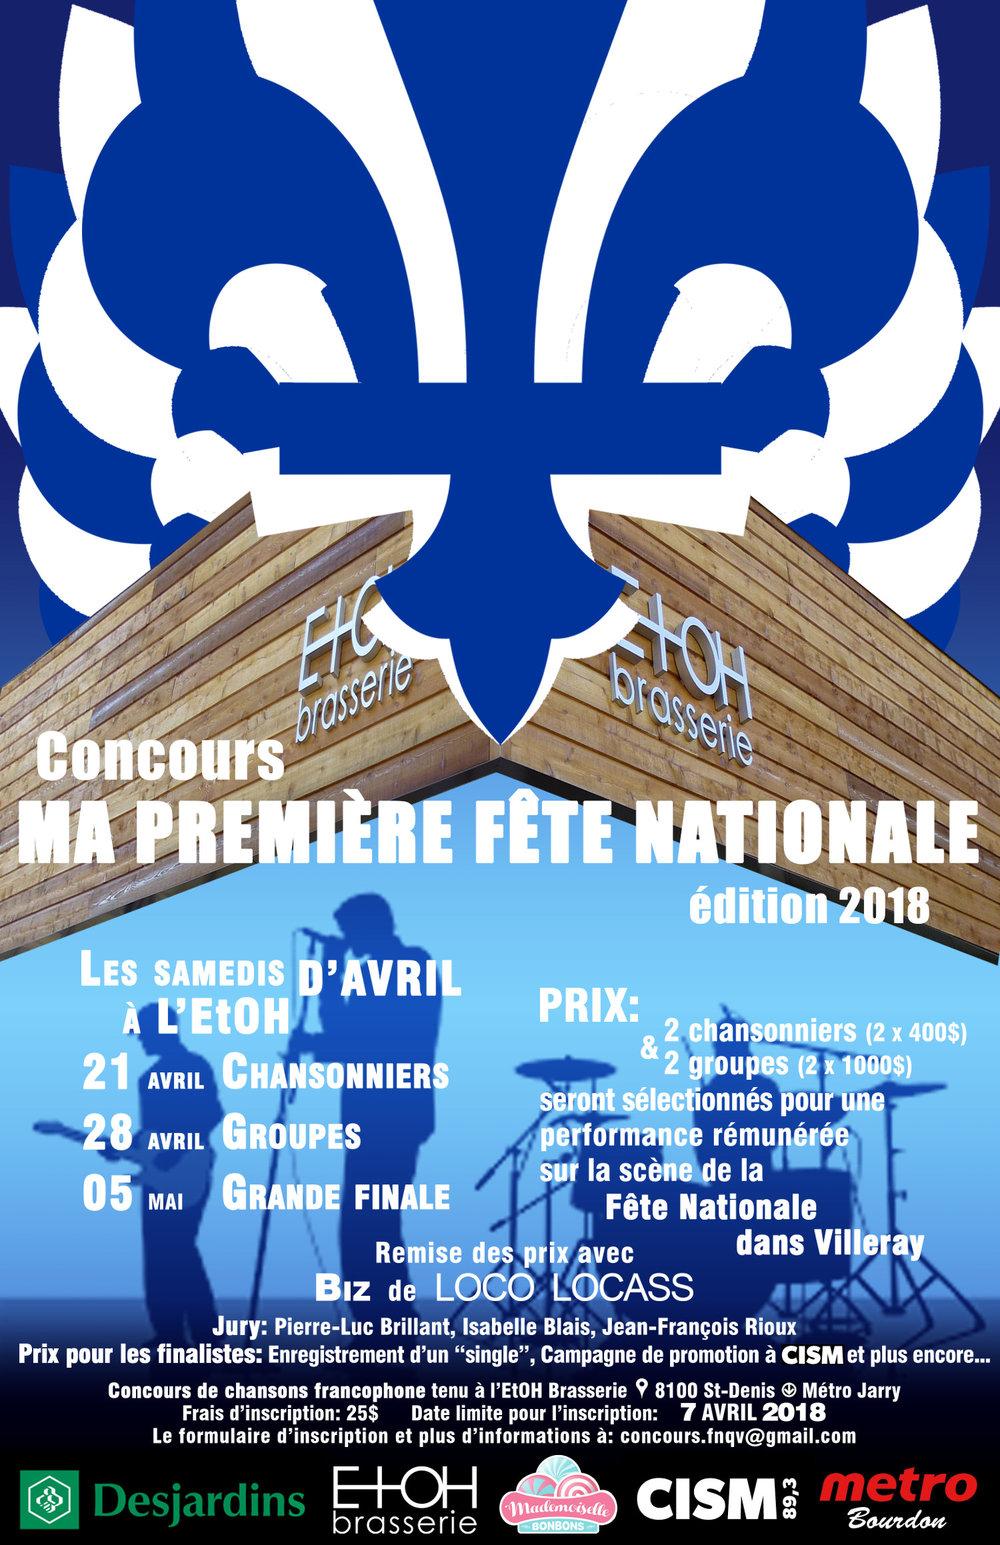 18-03-08_EtOH_Affiche concour St-Jean 2018.1500px.jpg